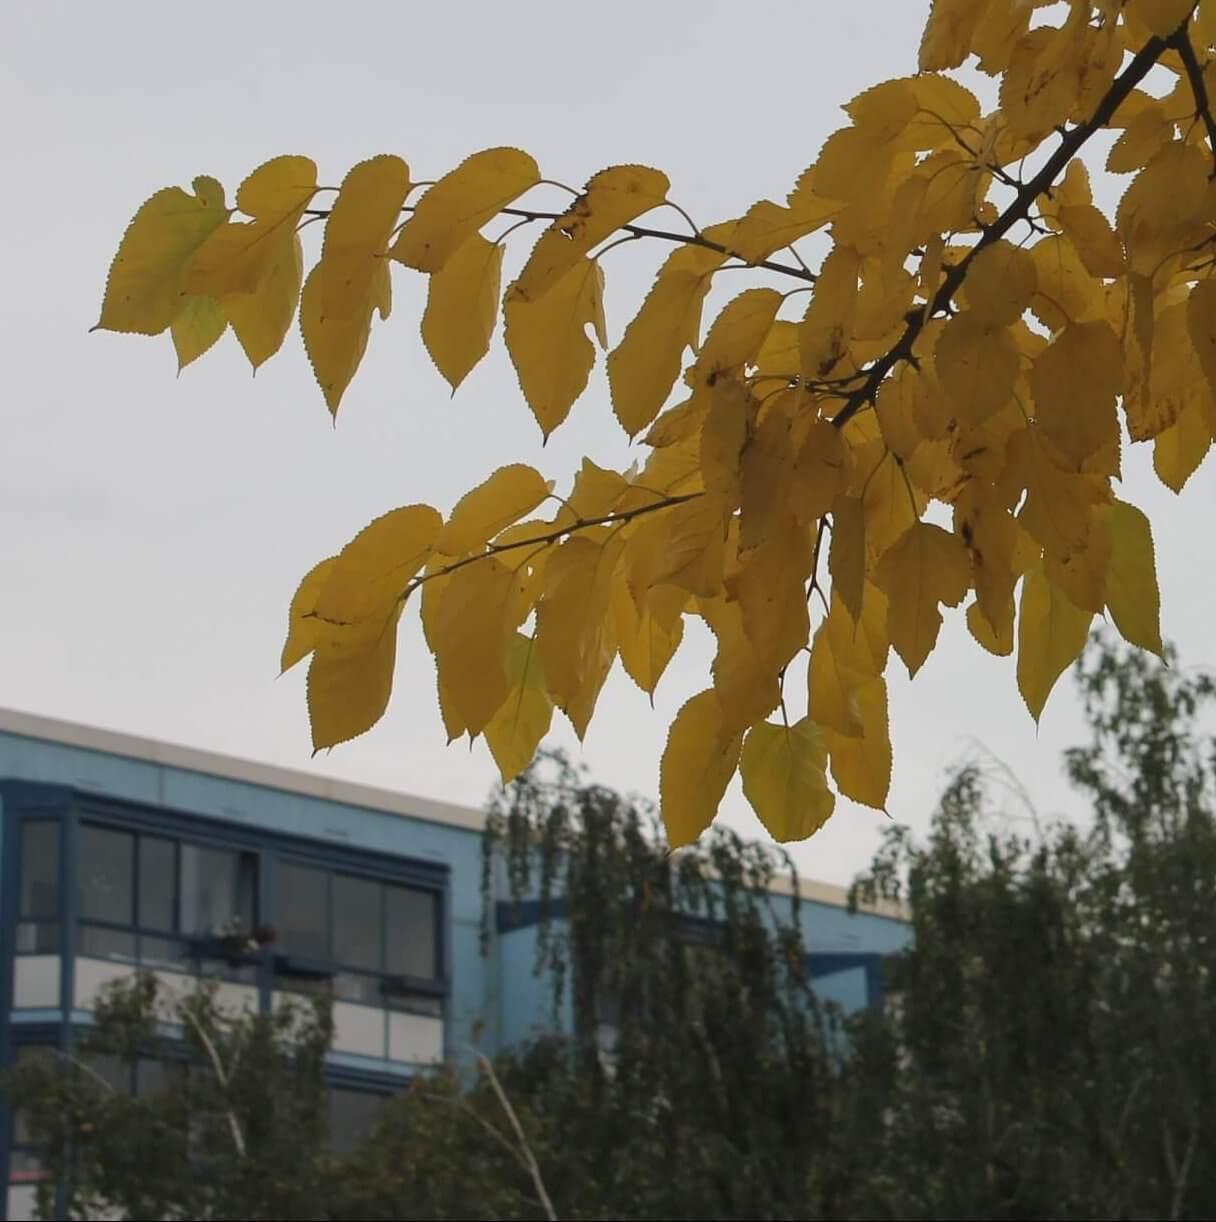 Das Bild zeigt die großen Blätter des Weißen Maubeerbaumes, die auch als Futter für die Seidenraupenzucht verwendet werden. An den fruchttragenden Kurztrieben sind sie ei- bis herzförmig, mit gezähnten Blatträndern und aufgesetzter Spitze versehen.